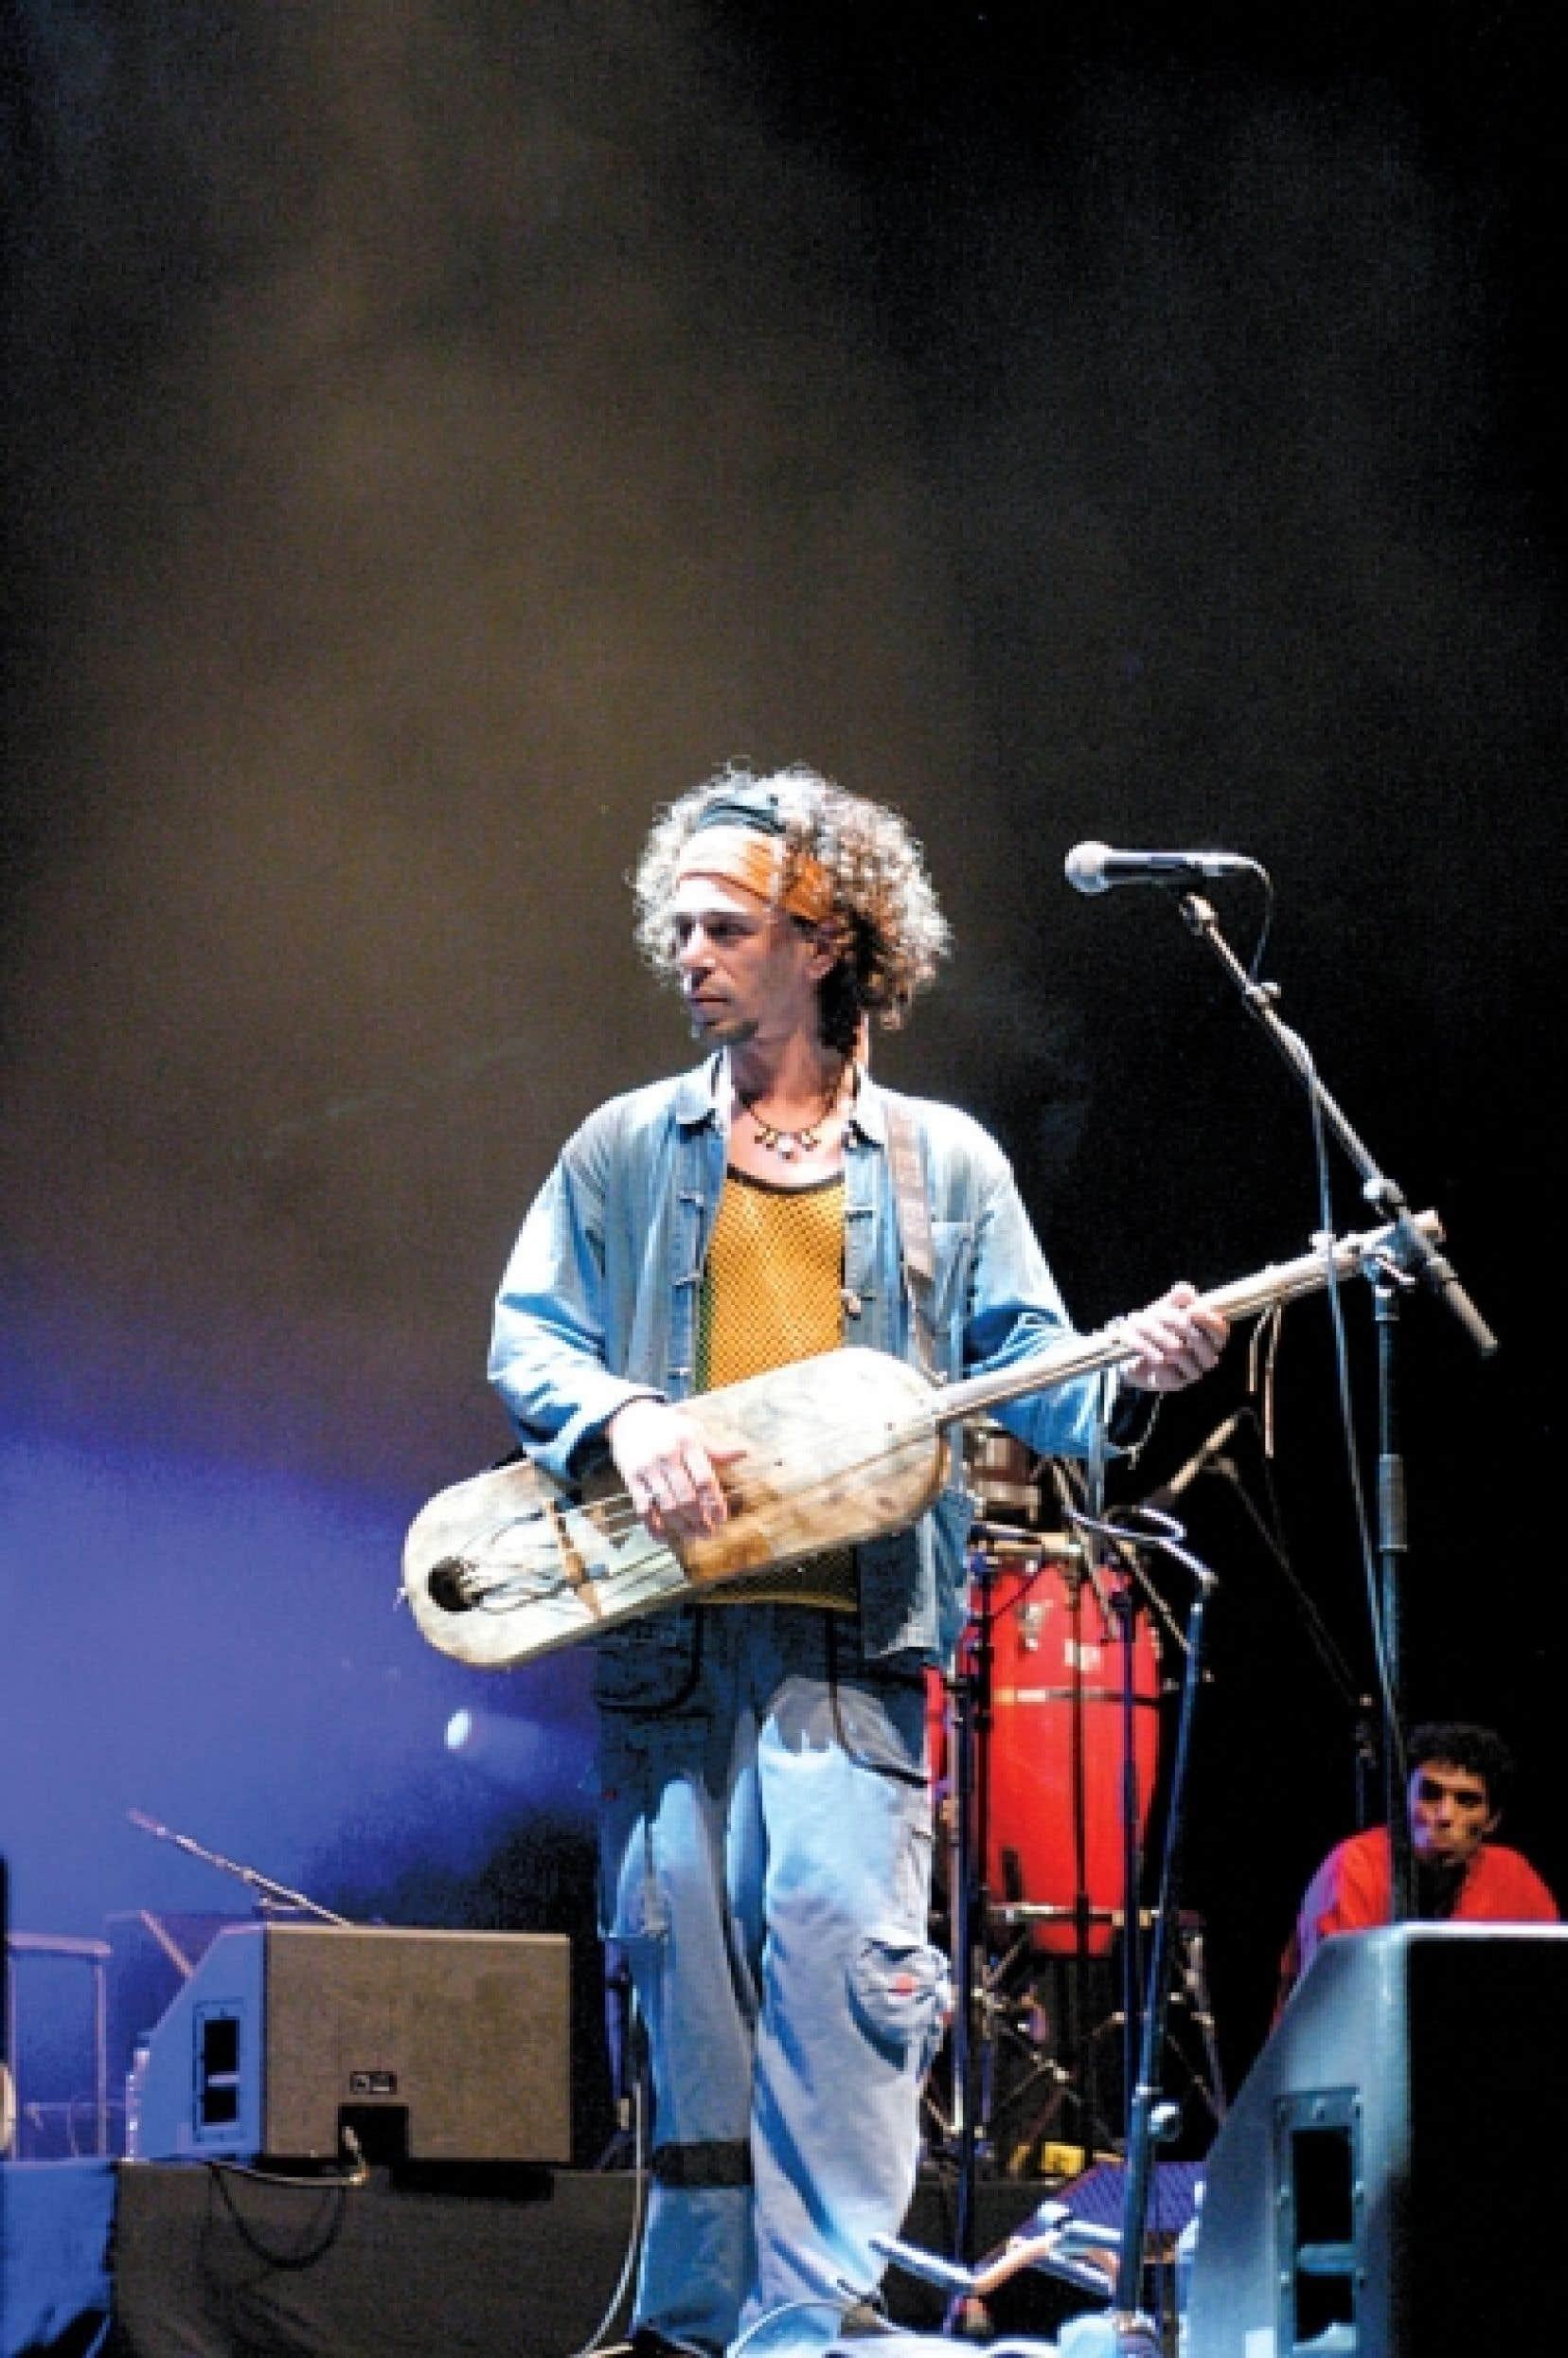 musique gnawa diffusion gratuitement